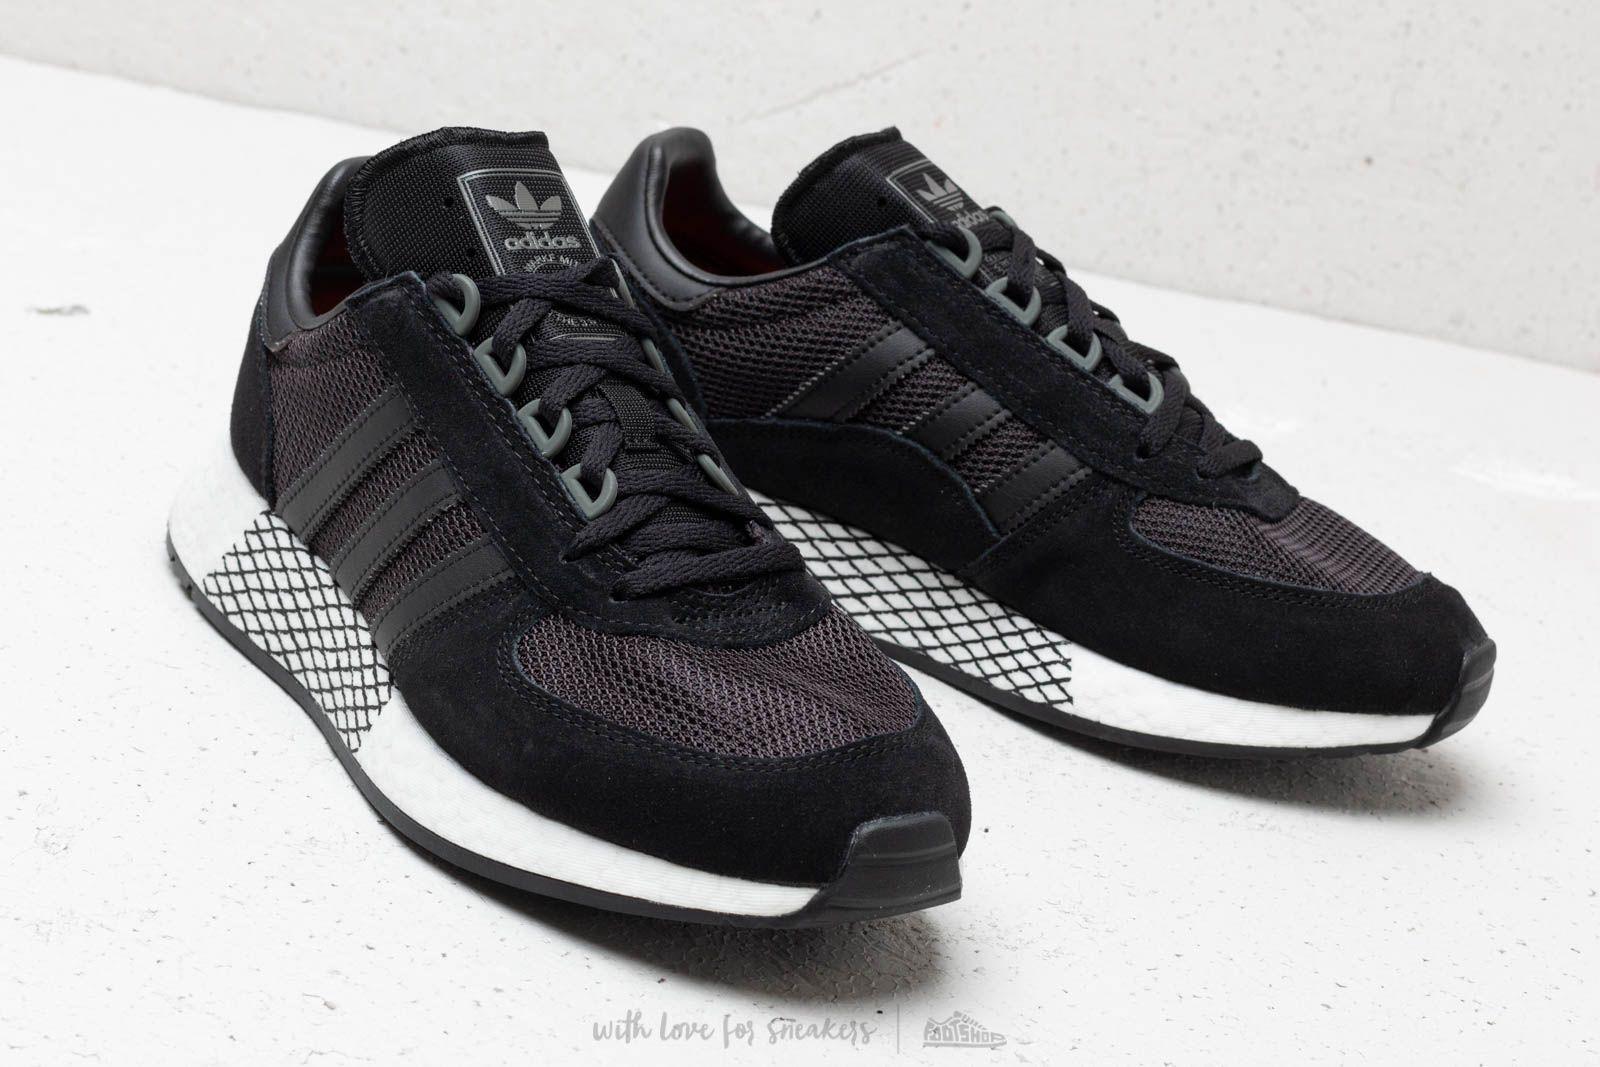 adidas Marathon x 5923 Core Black  Utility Black  Solar Red a prezzo  eccezionale 127 0aac1106b71